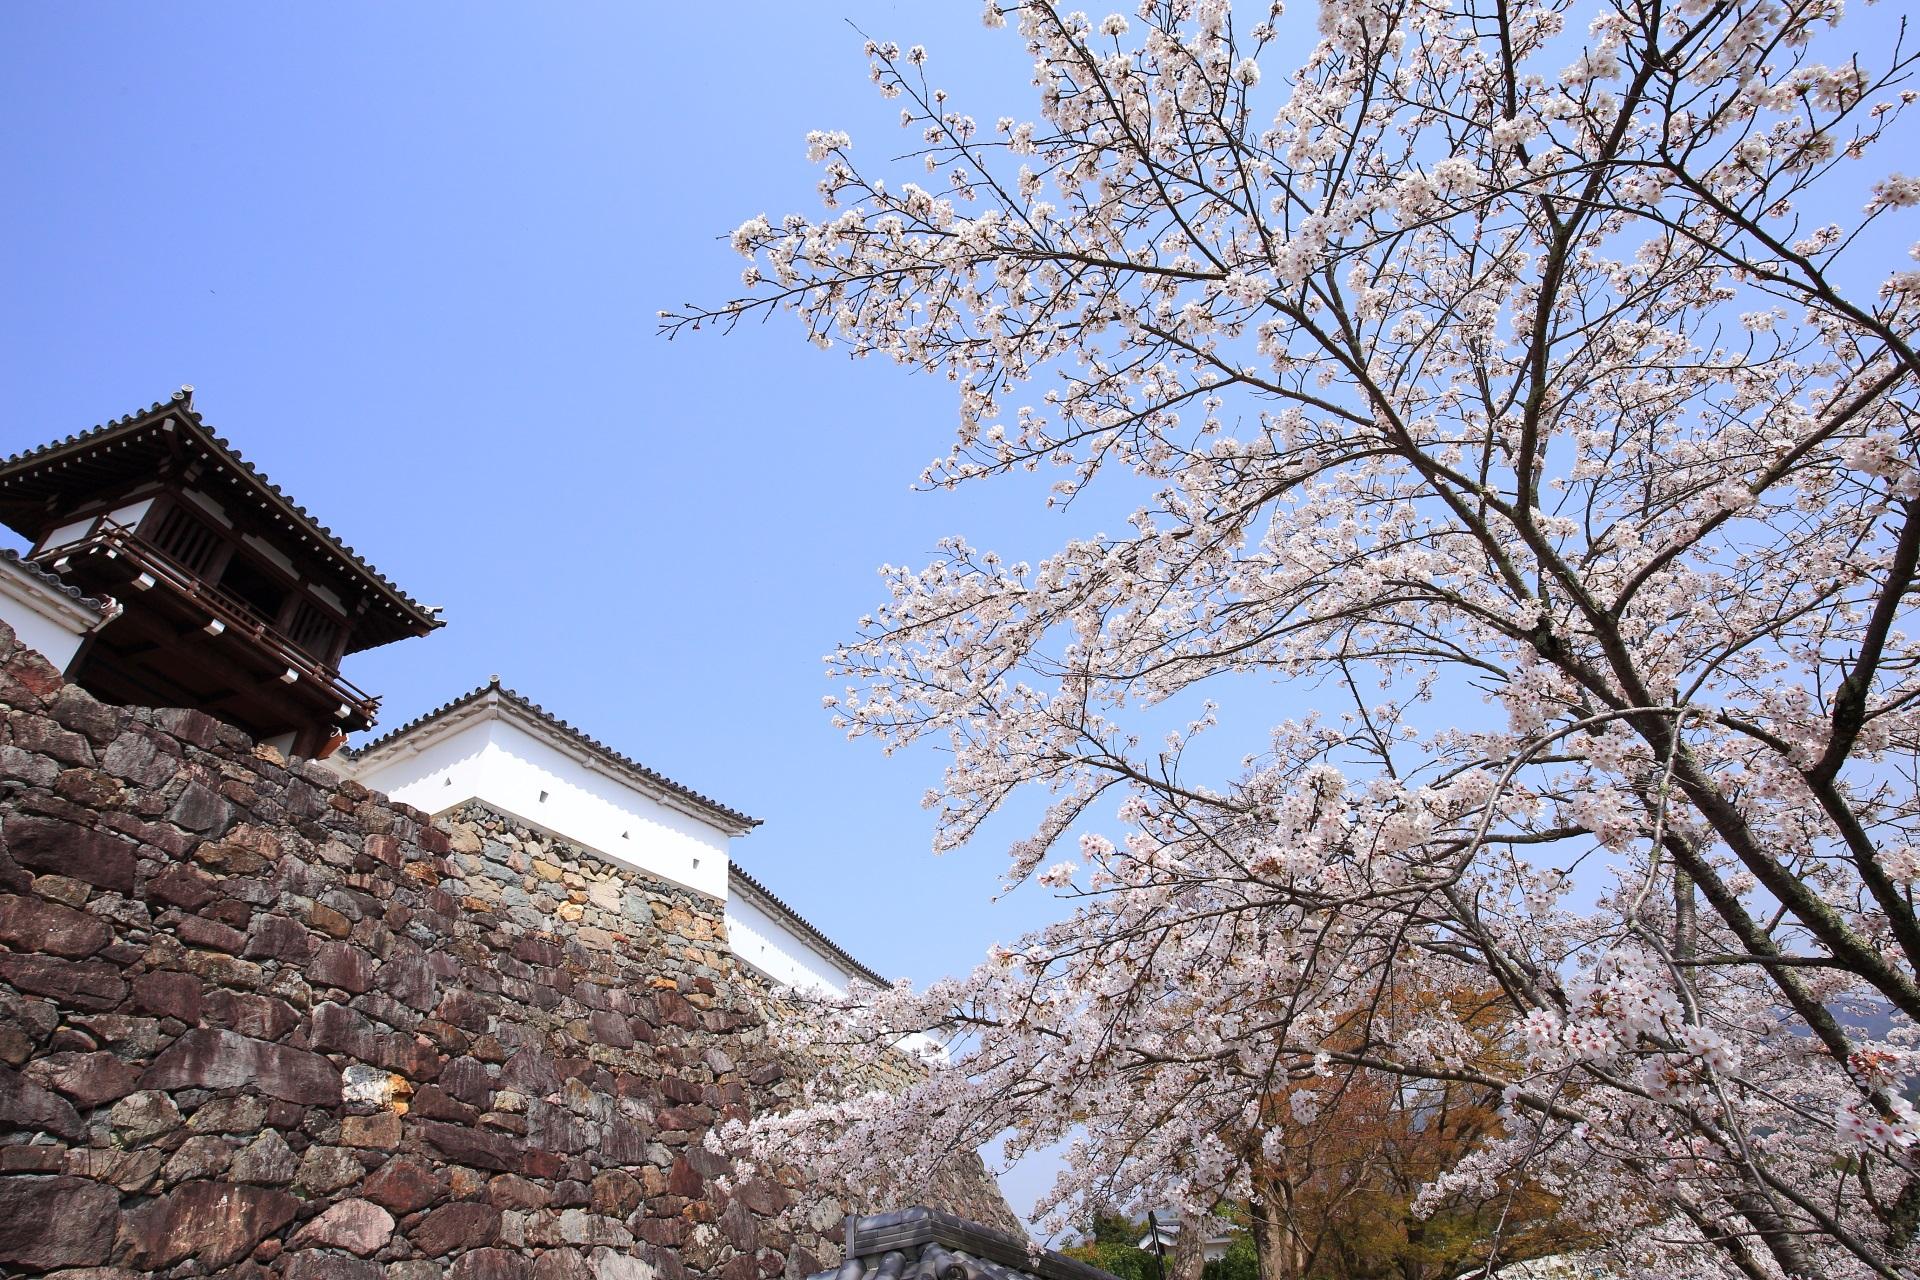 福知山城本丸の石垣や釣鐘門を染める上品な桜